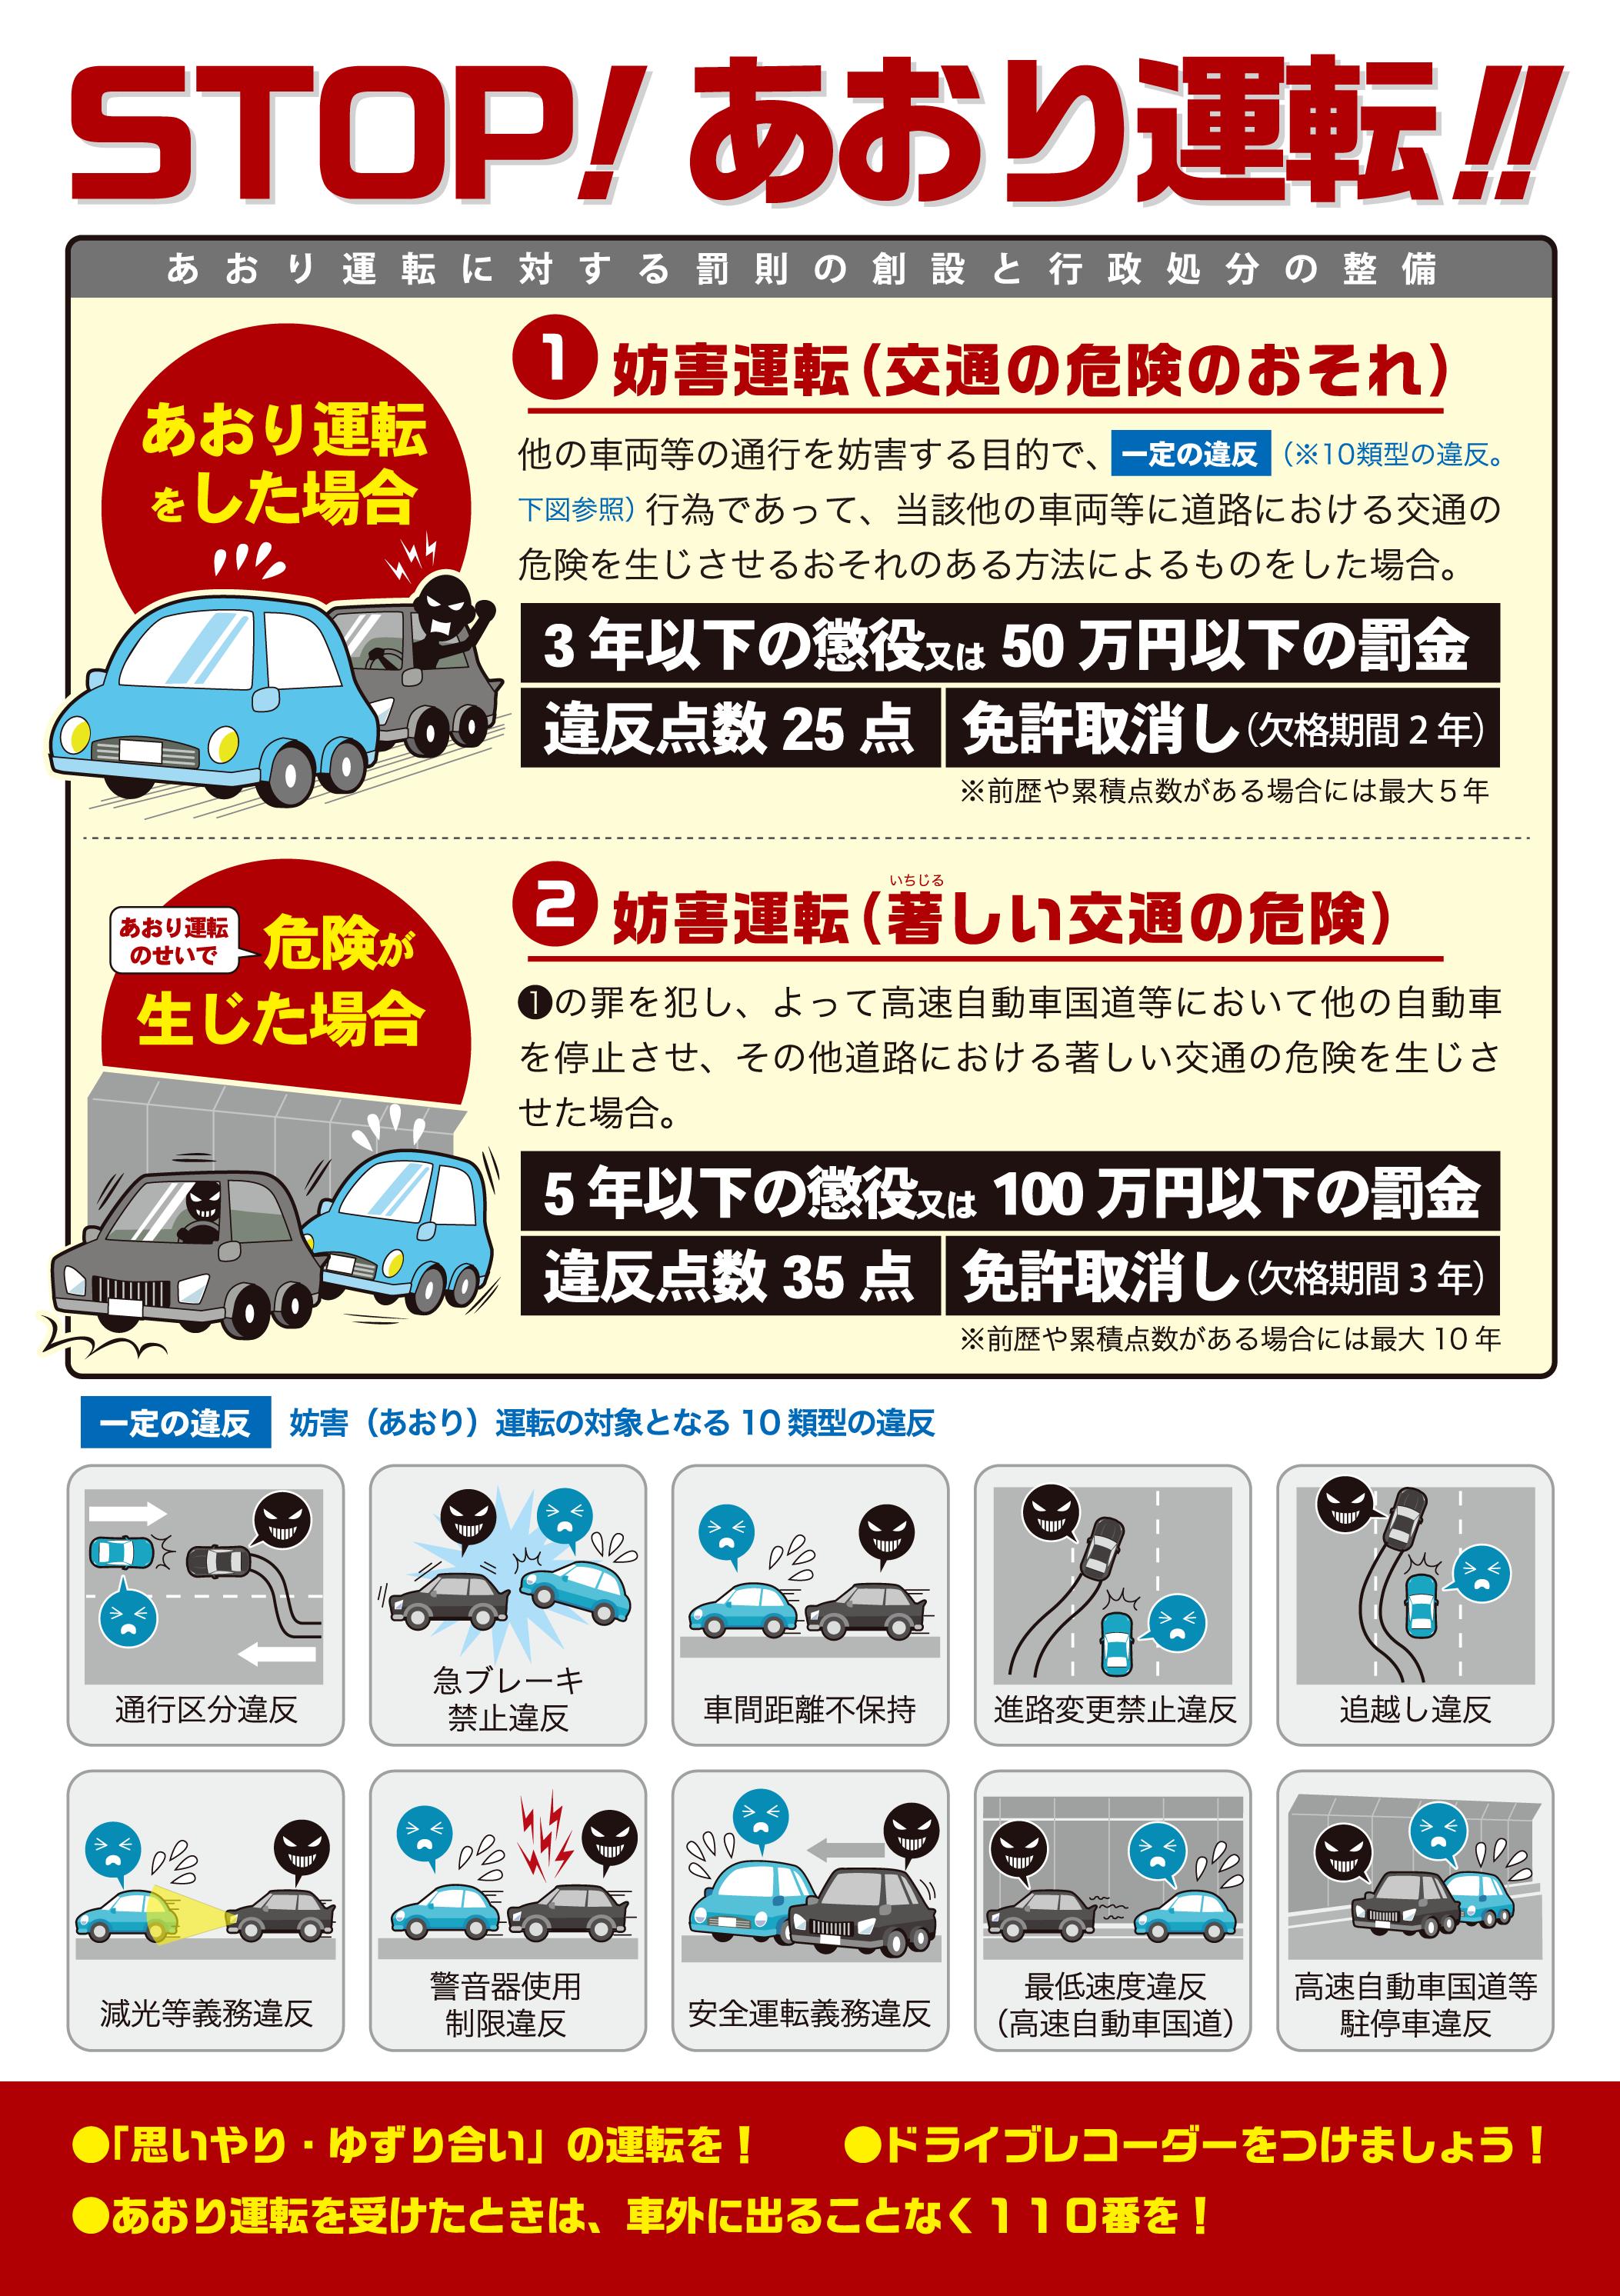 妨害運転罪の創設(あおり運転は犯罪!) | 佐賀県警察本部